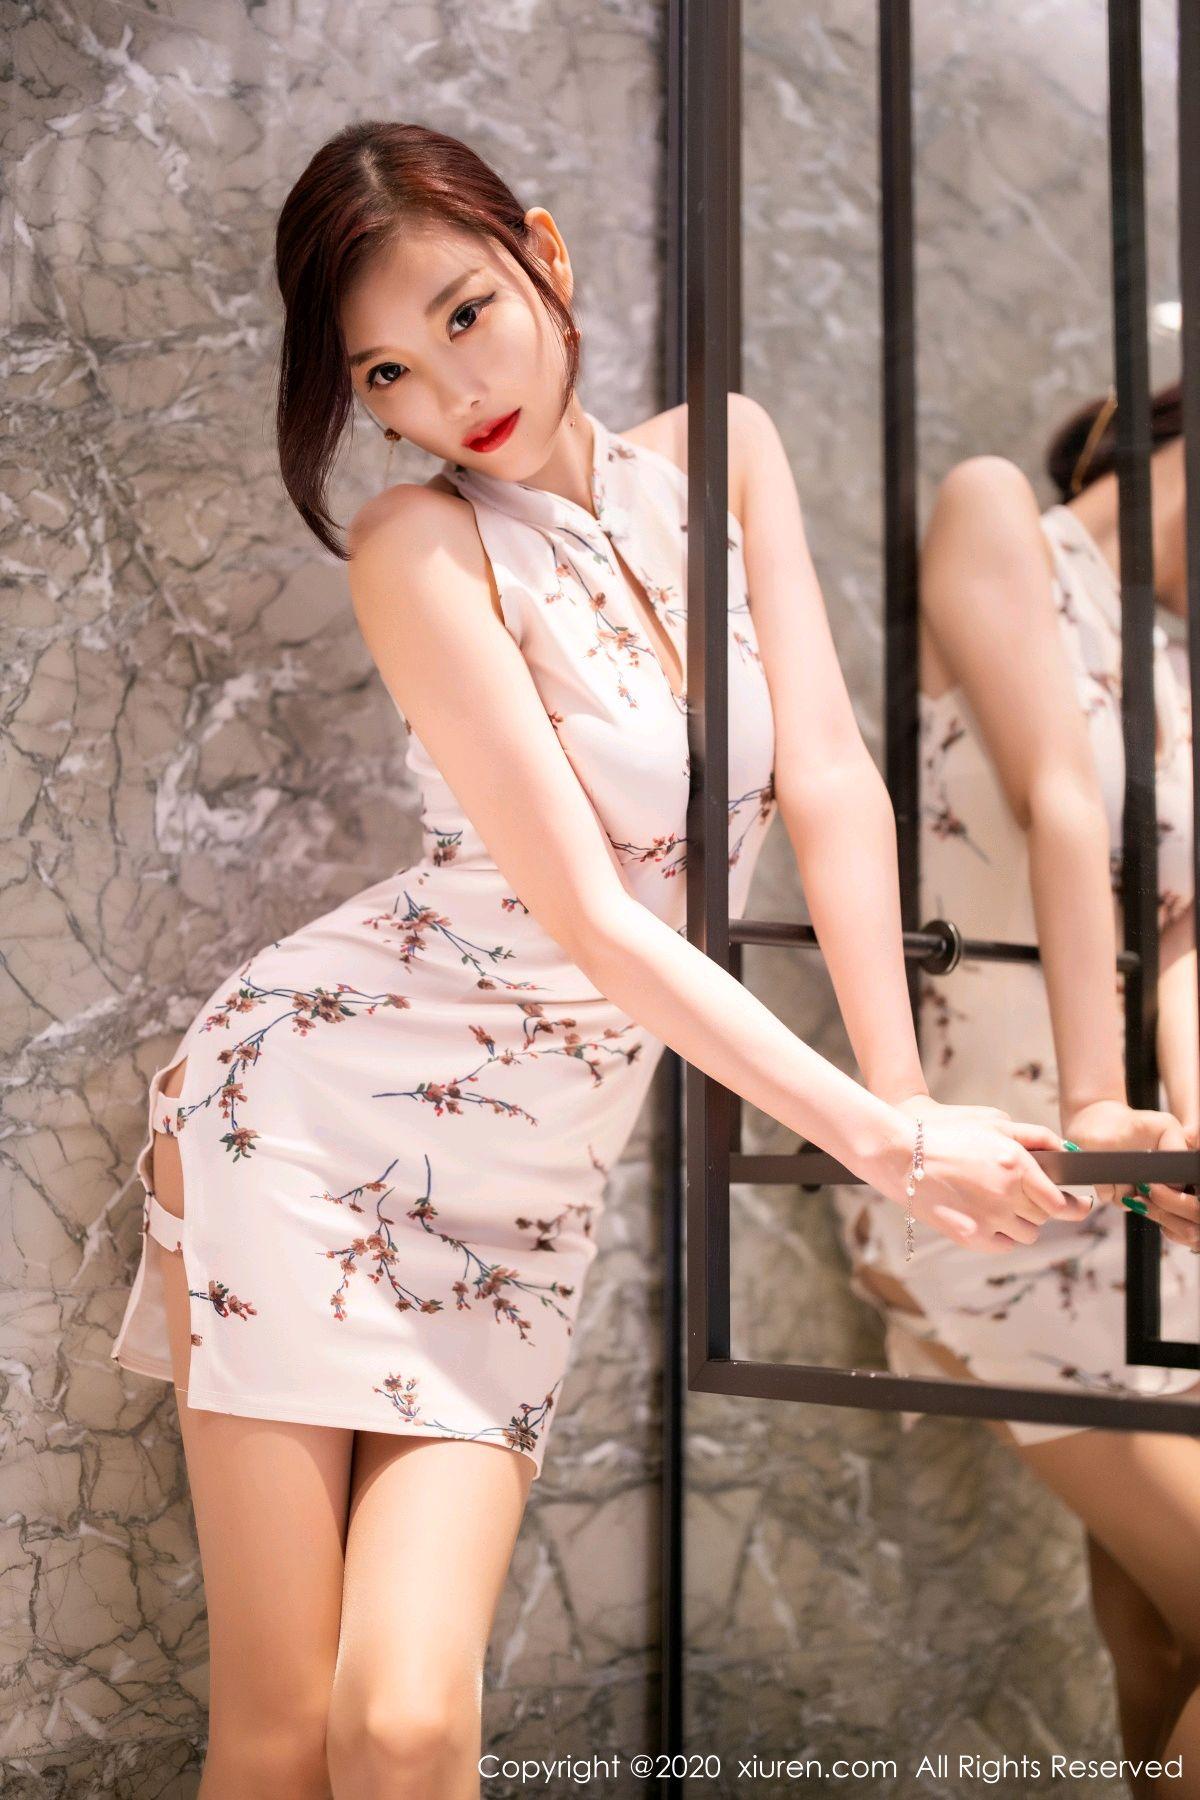 [XiuRen] Vol.2487 Yang Chen Chen 54P, Cheongsam, Tall, Xiuren, Yang Chen Chen